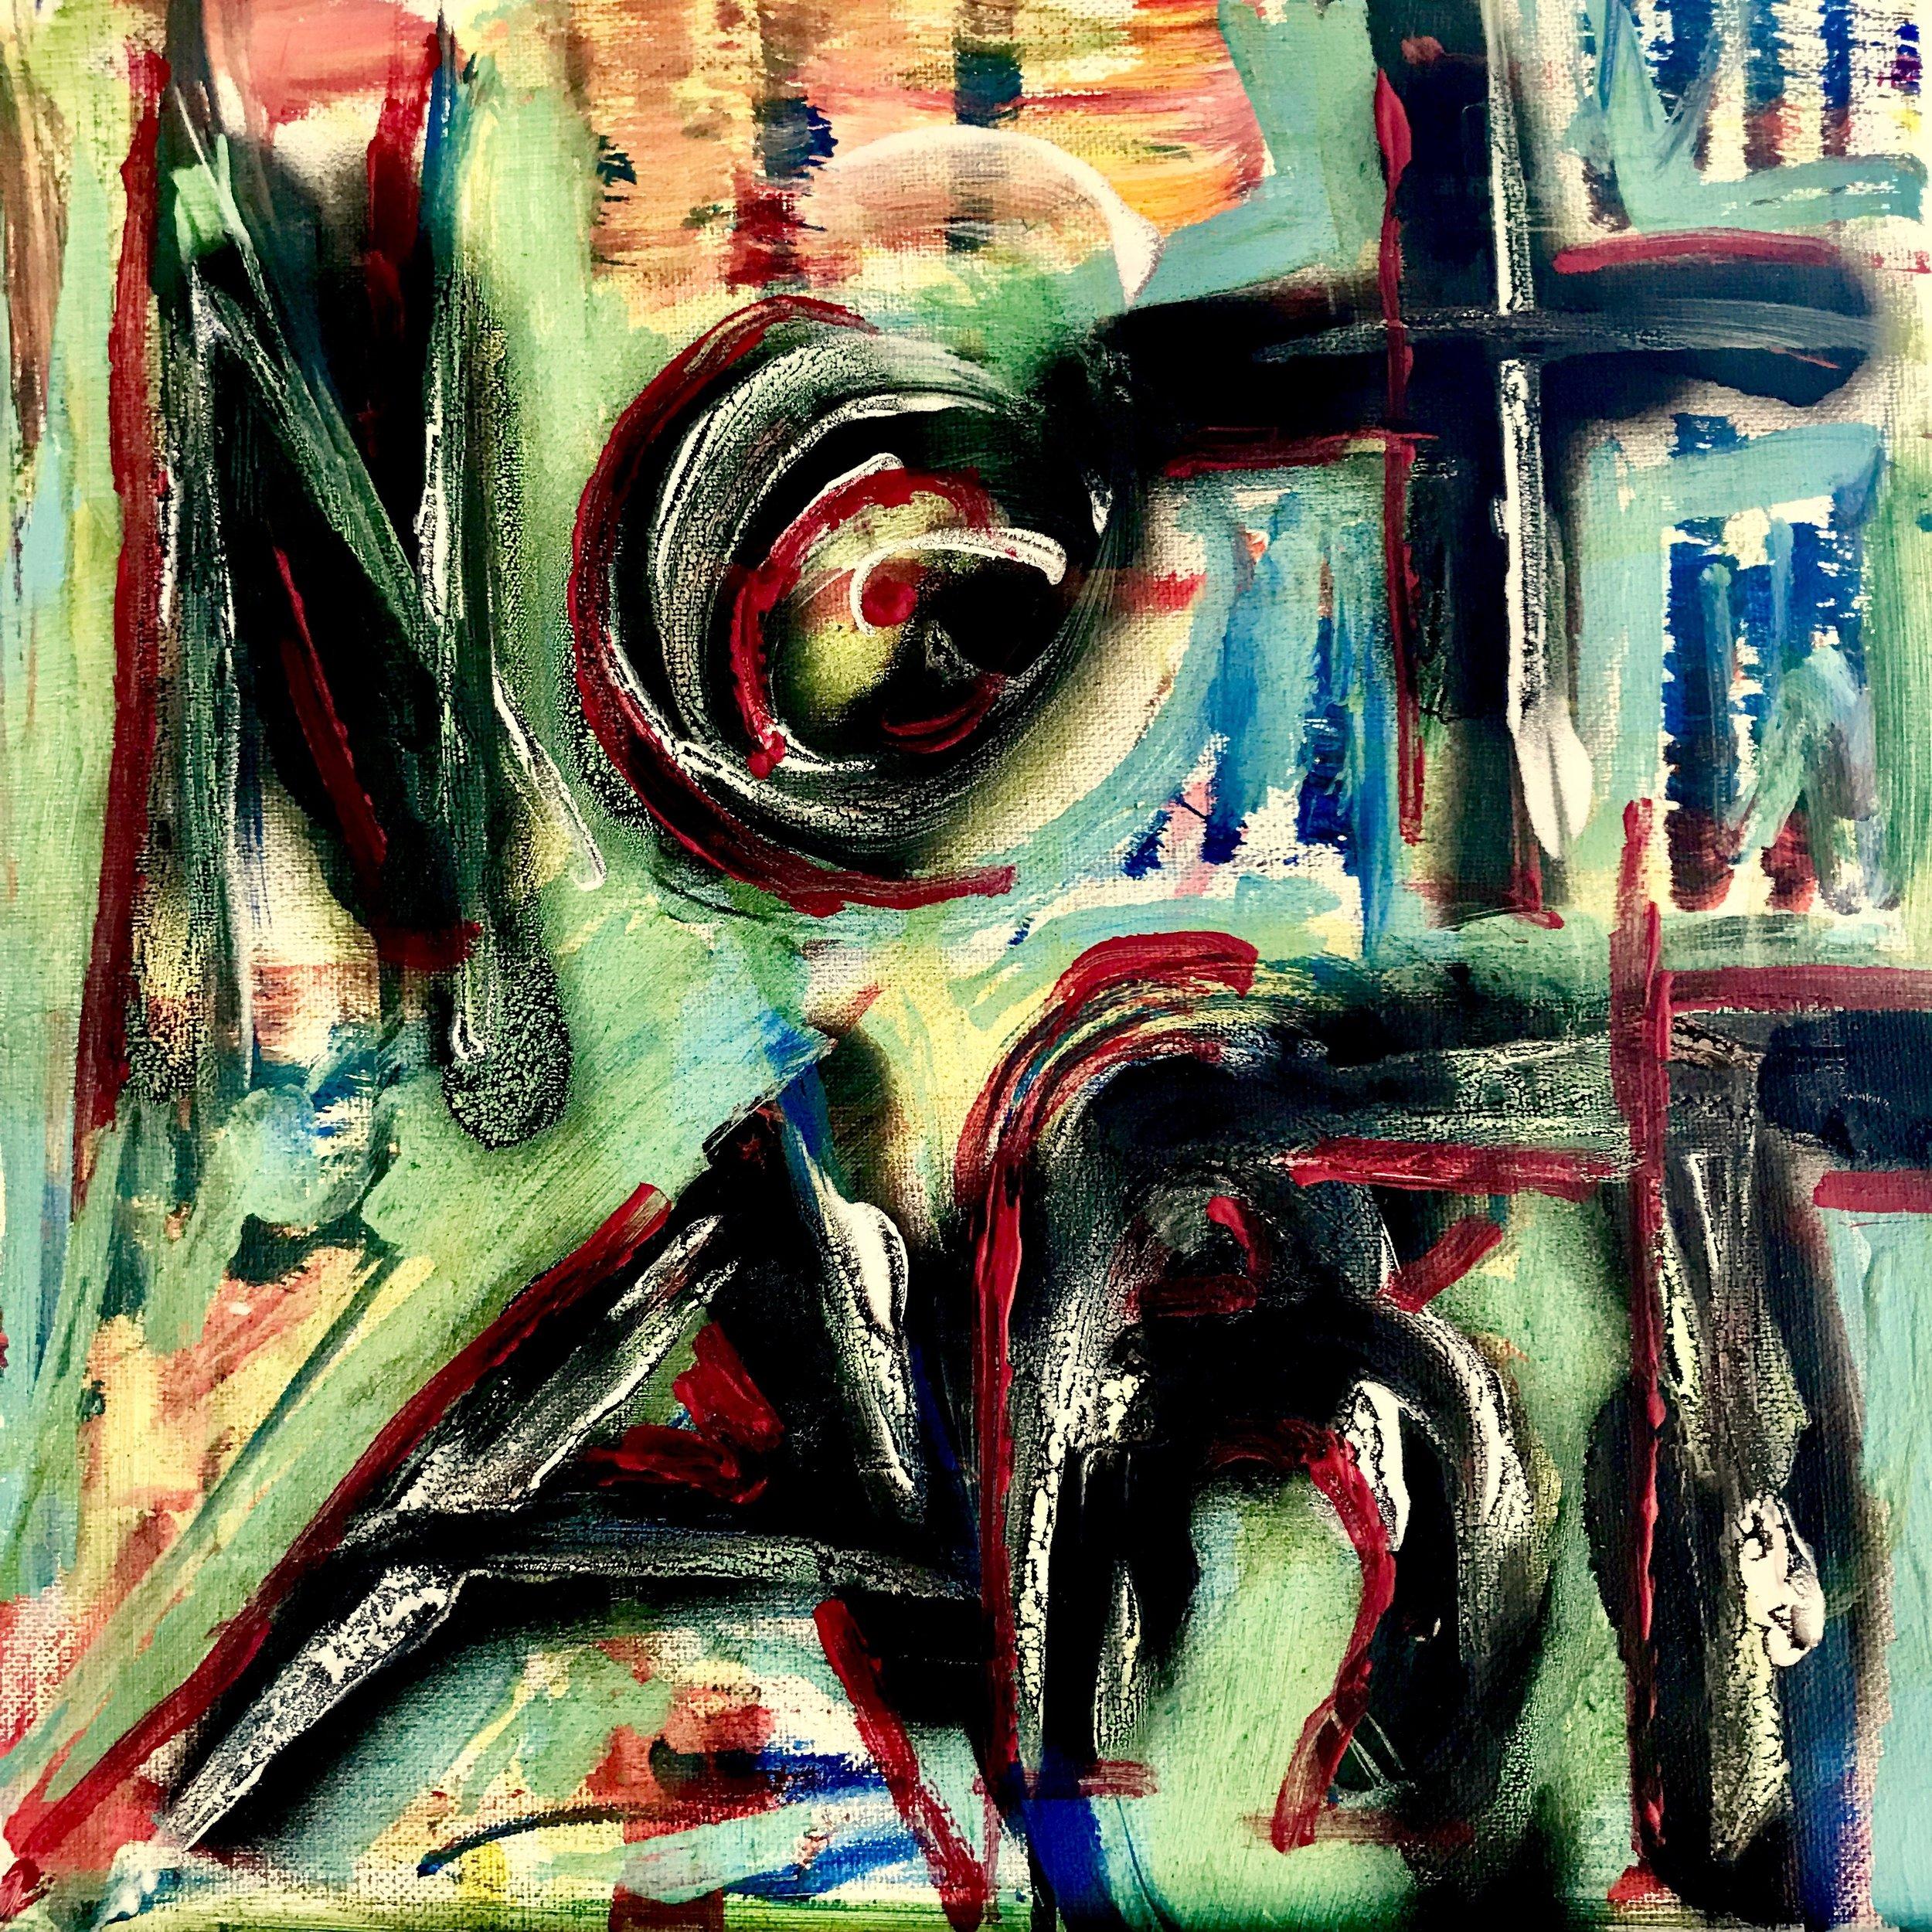 NOT ART 2